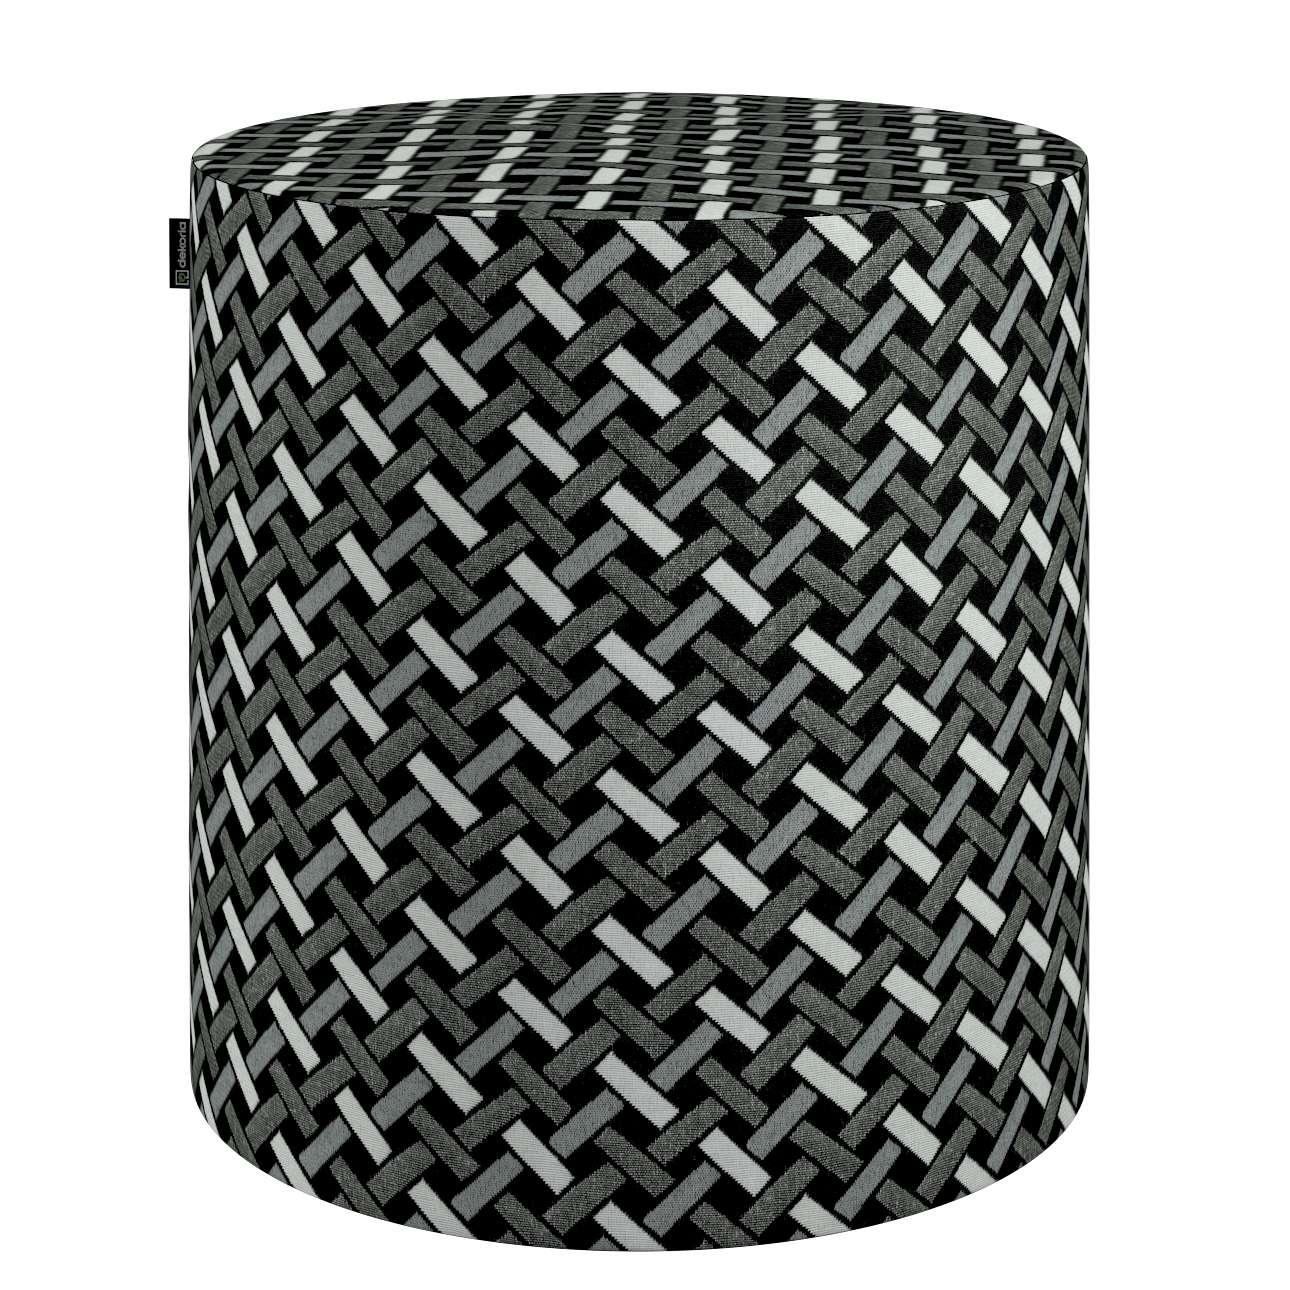 Sittepuf og Fotskammel fra kolleksjonen Black & White, Stoffets bredde: 142-87